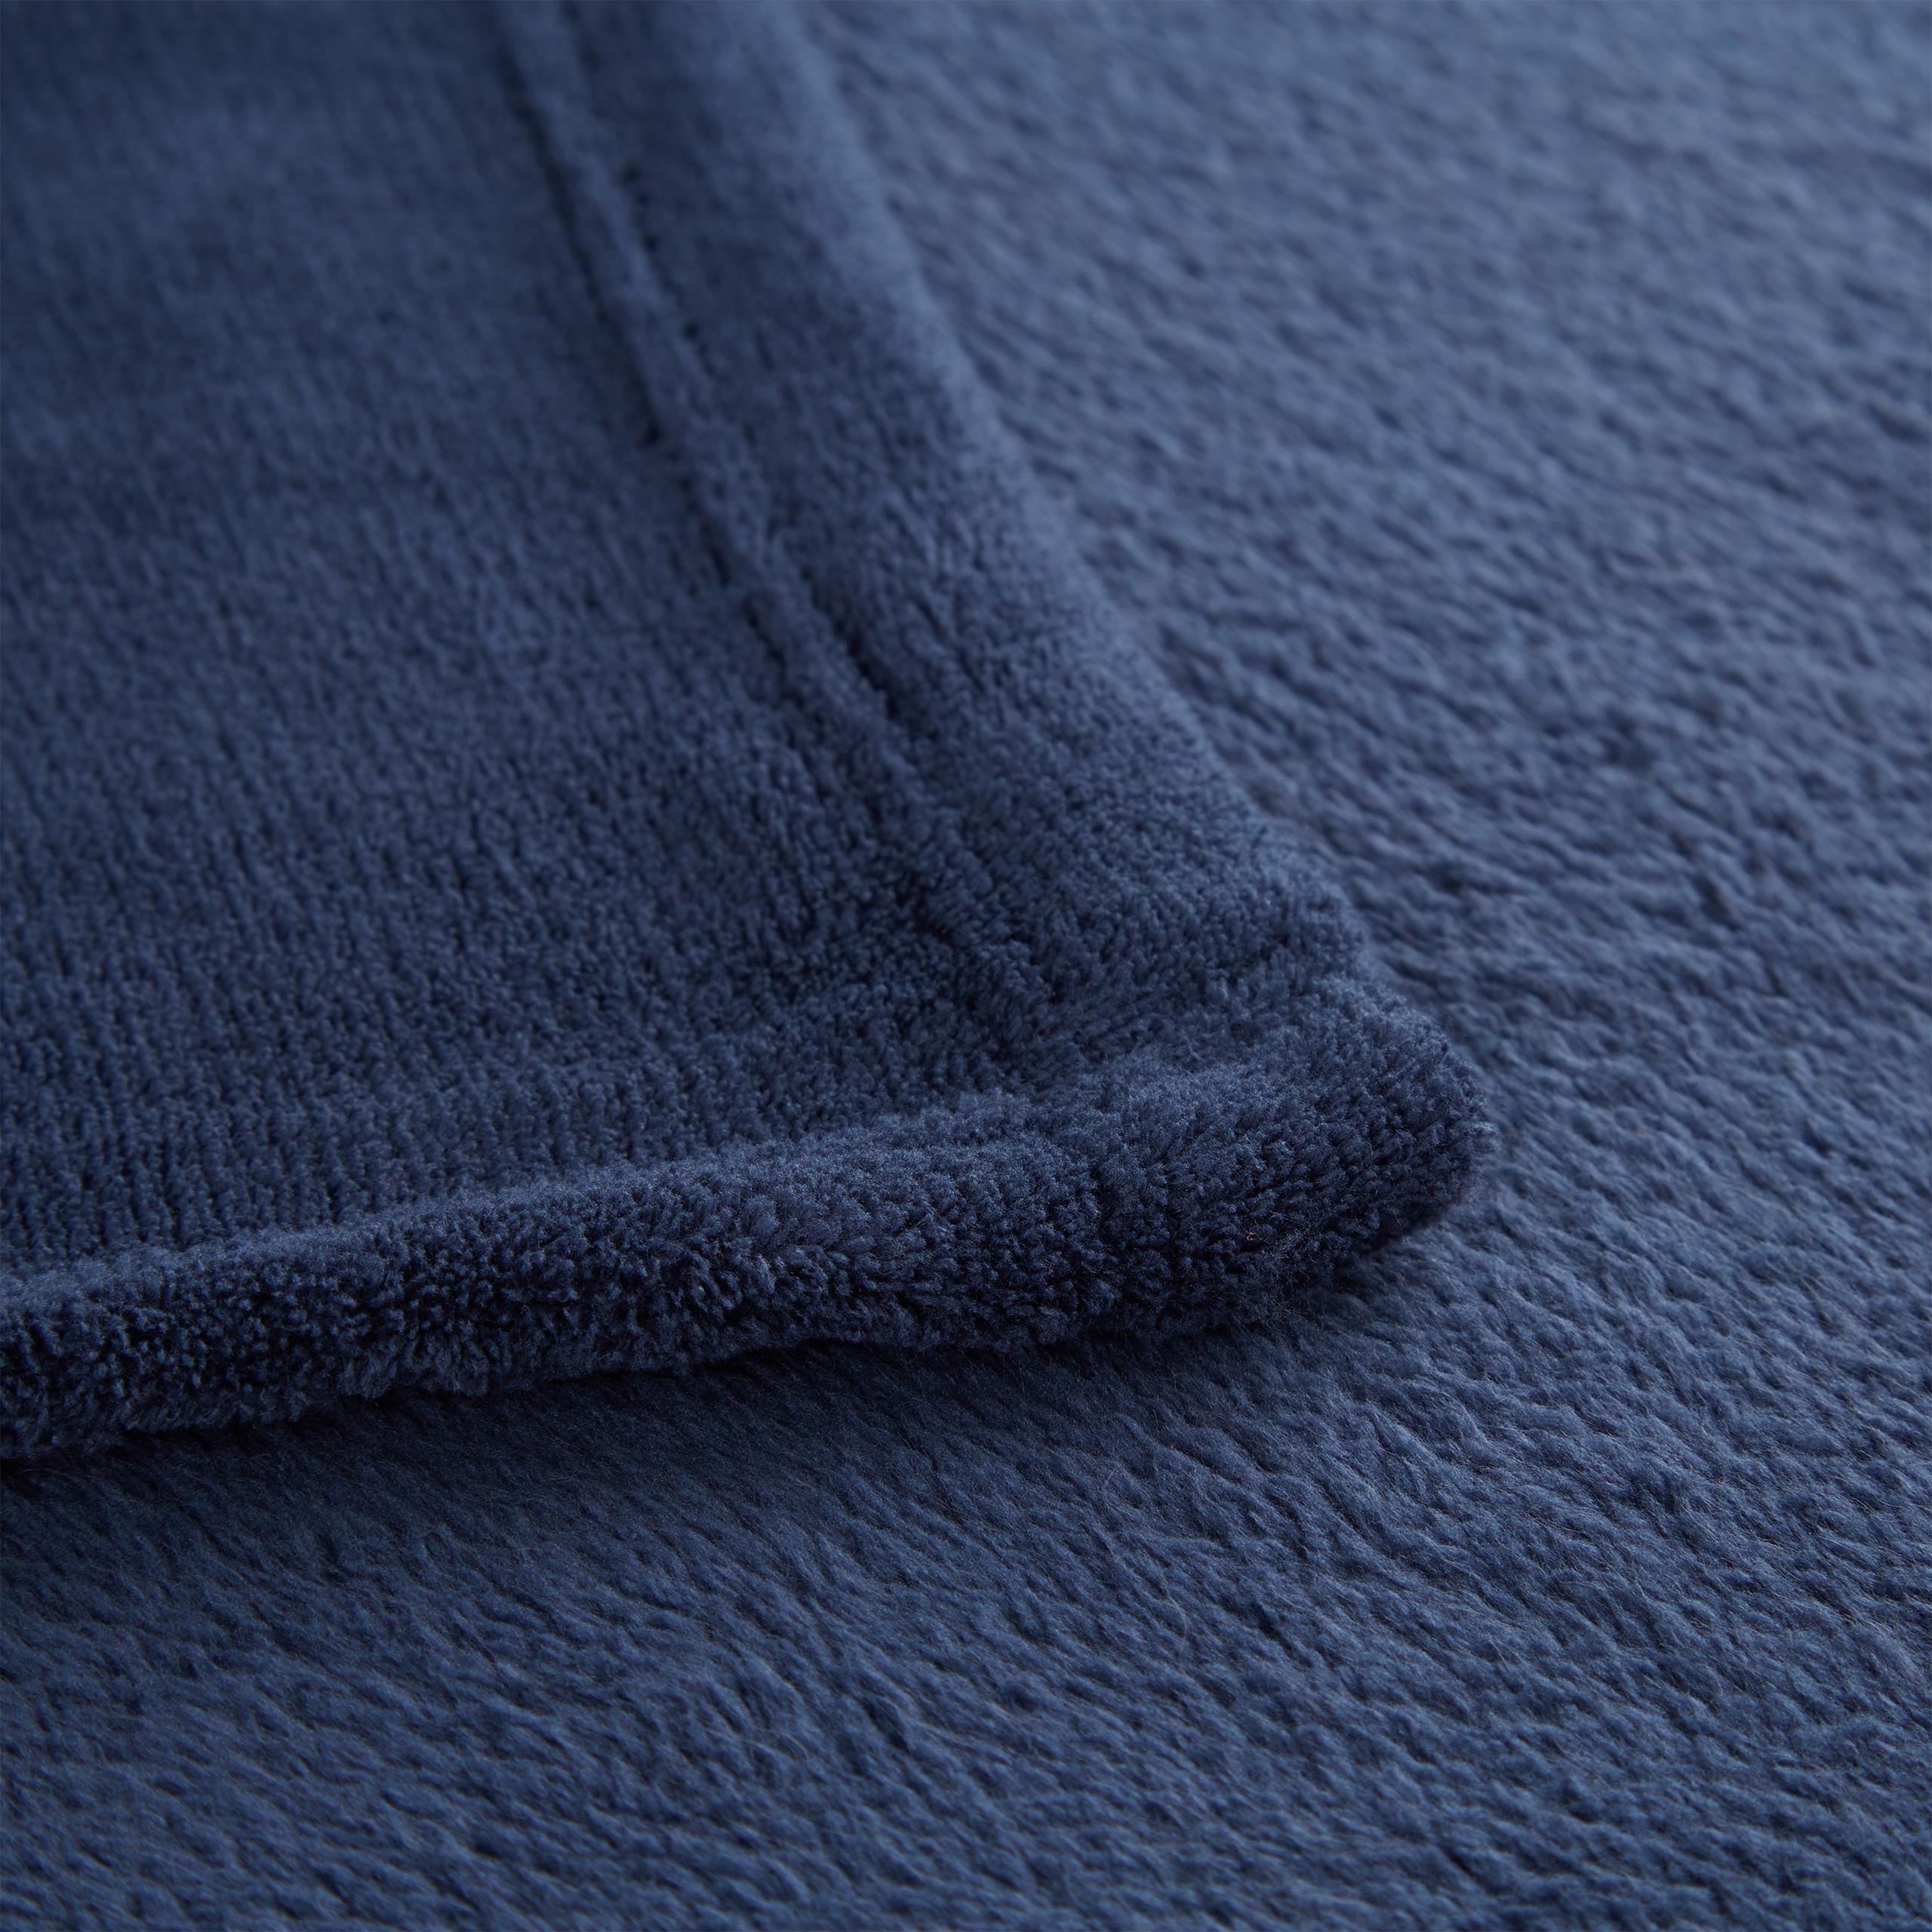 Kuscheldecke extragroß aus Polyester in verschiedenen Farben Fleece einfarbig